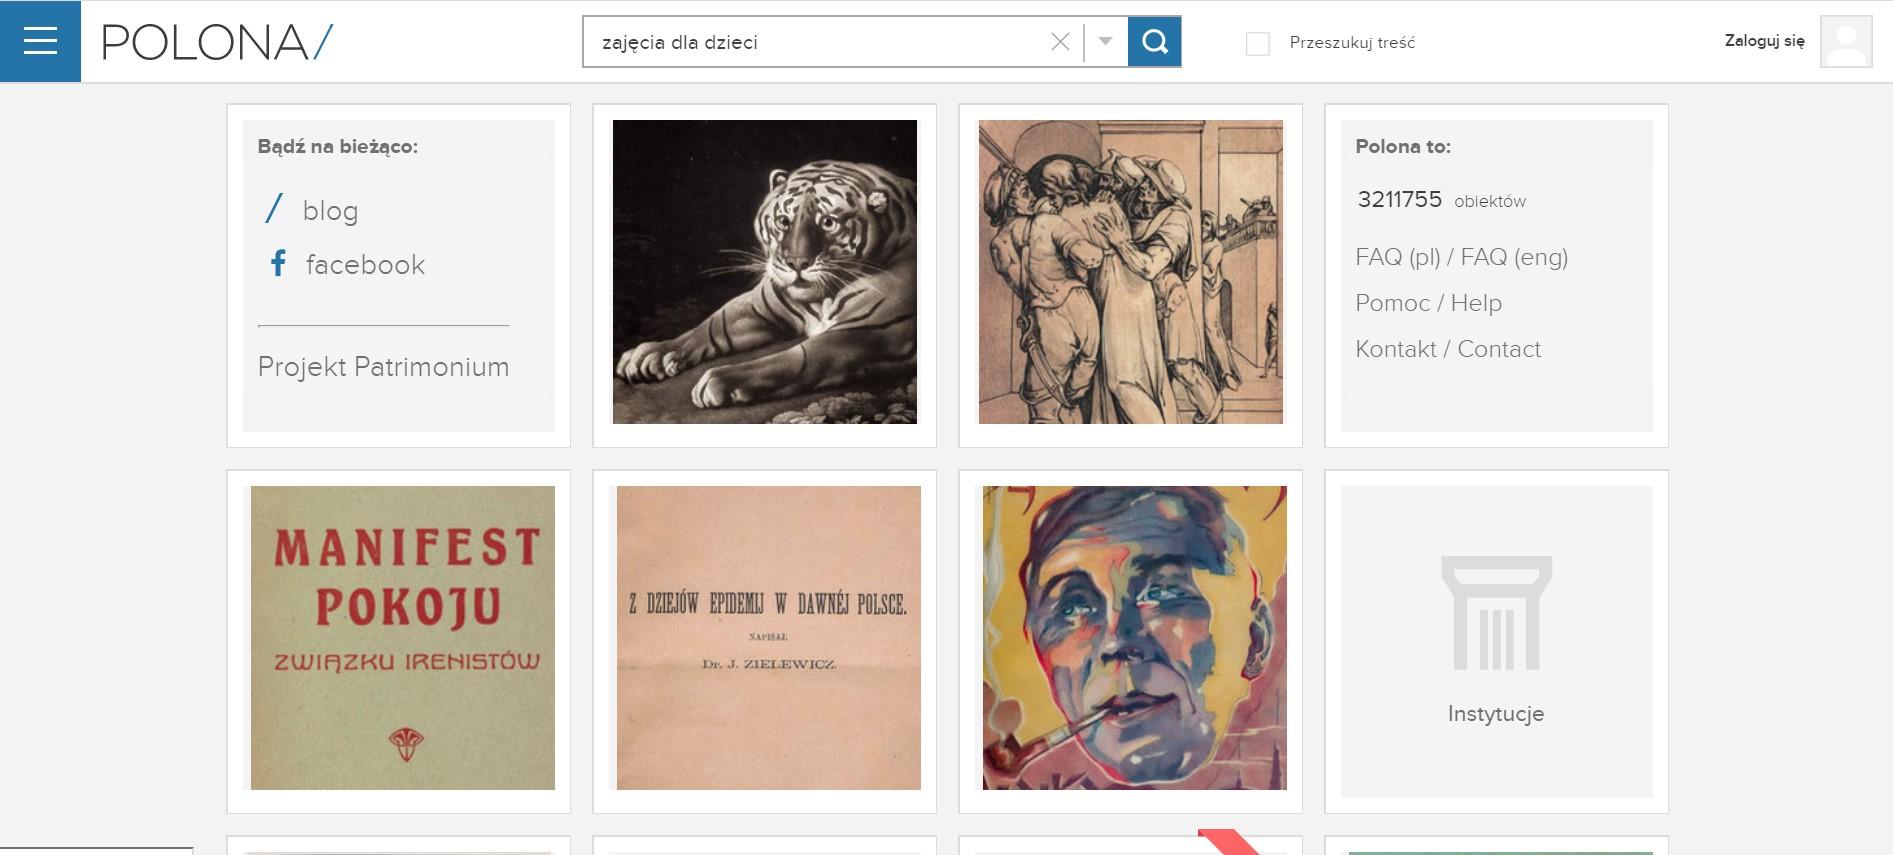 strona główna serwisu Polona prezentująca wybrane zasoby archiwalne